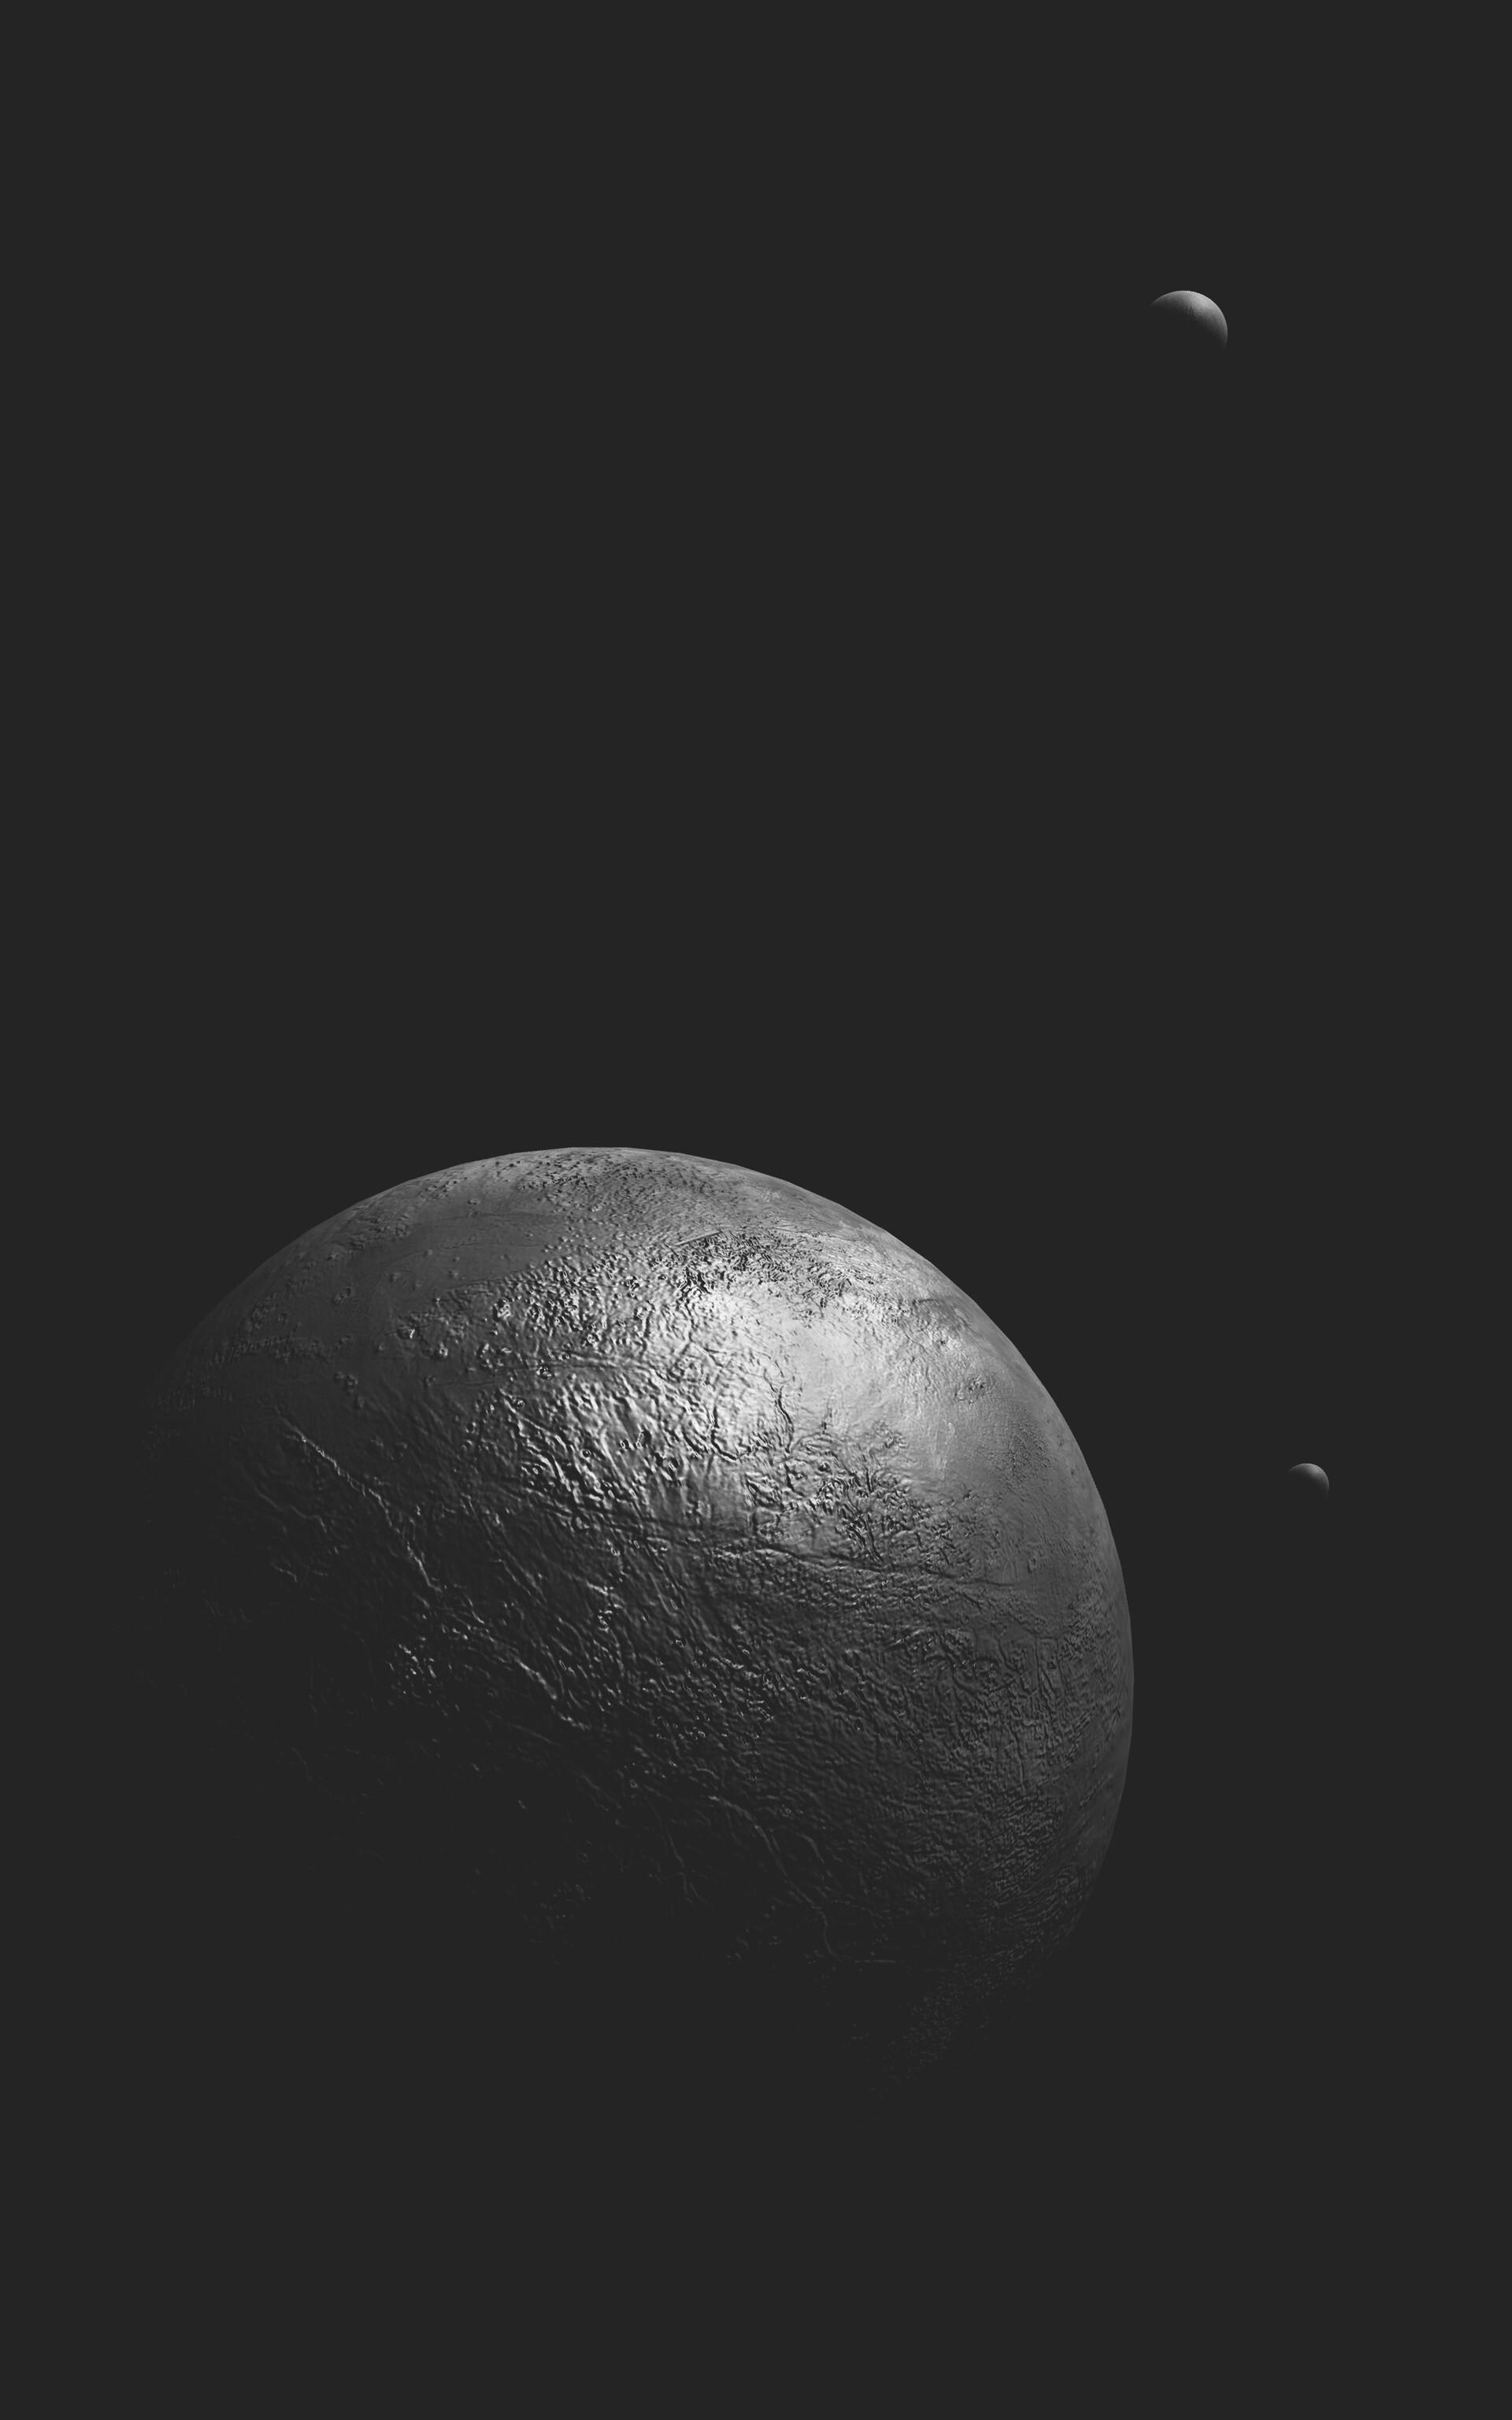 Raul esquivel spacescene 20191007 131849